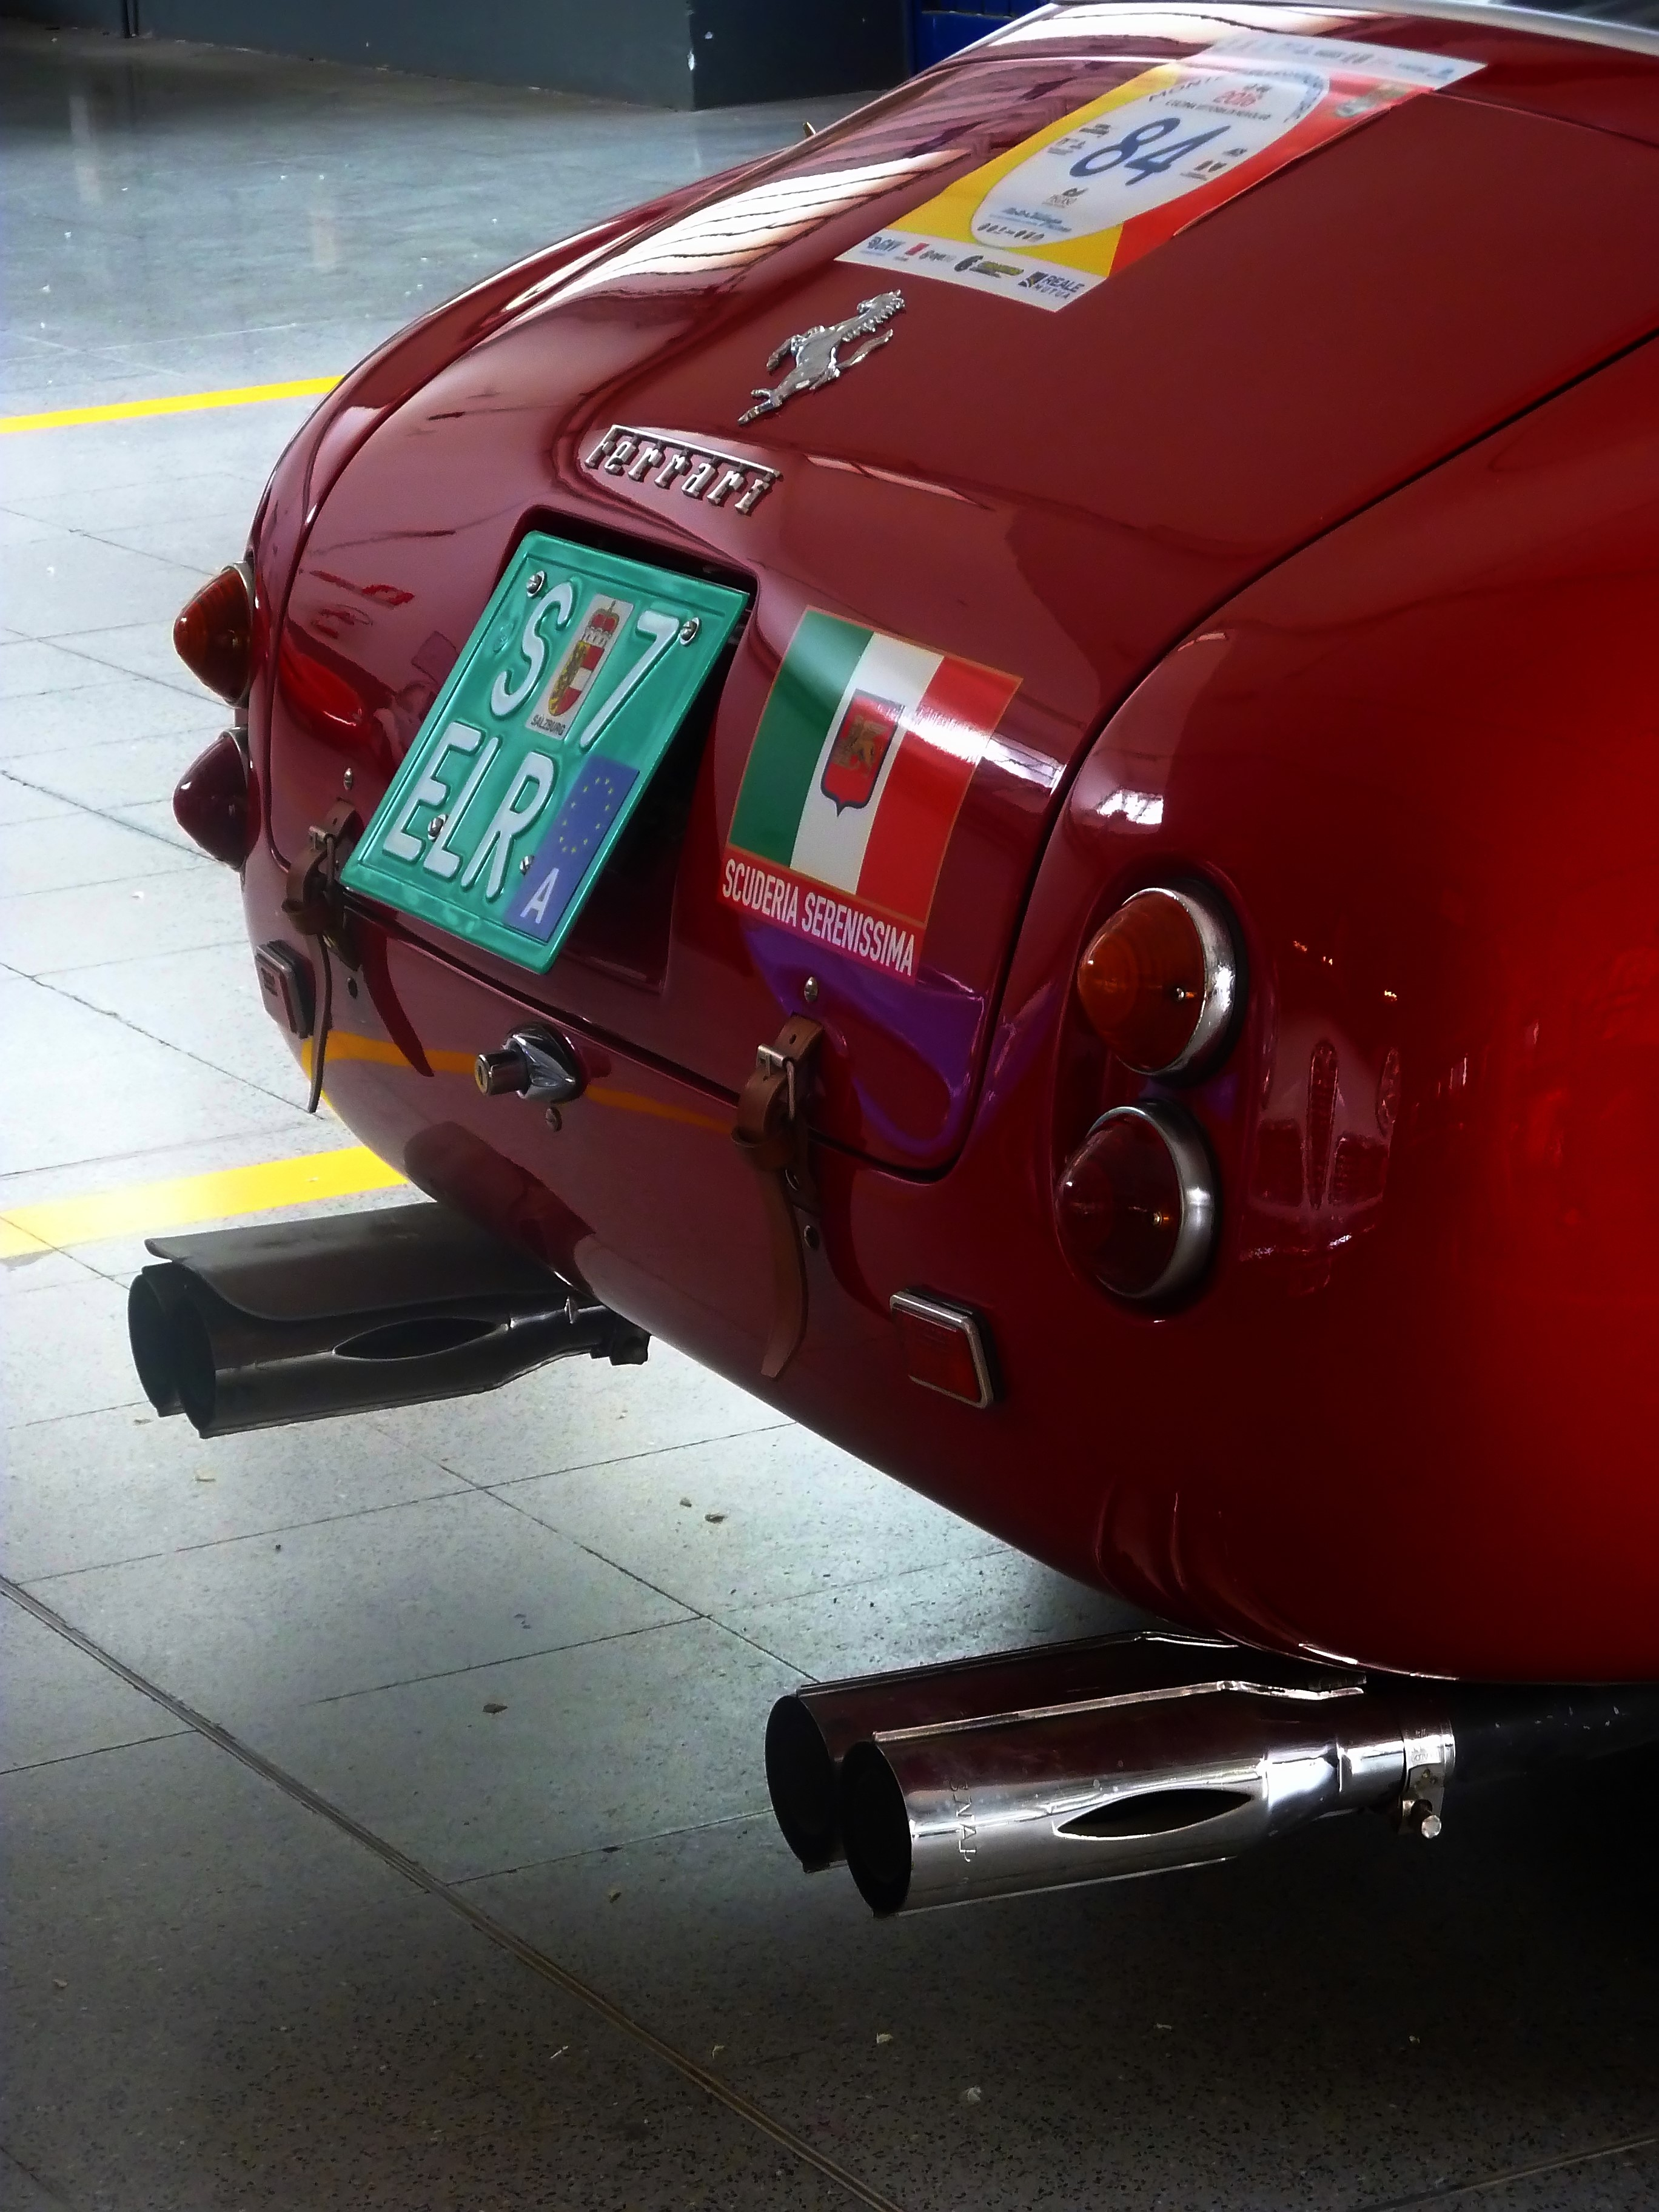 1961 Ferrari 250 GT SWB #2701 (83)_filtered